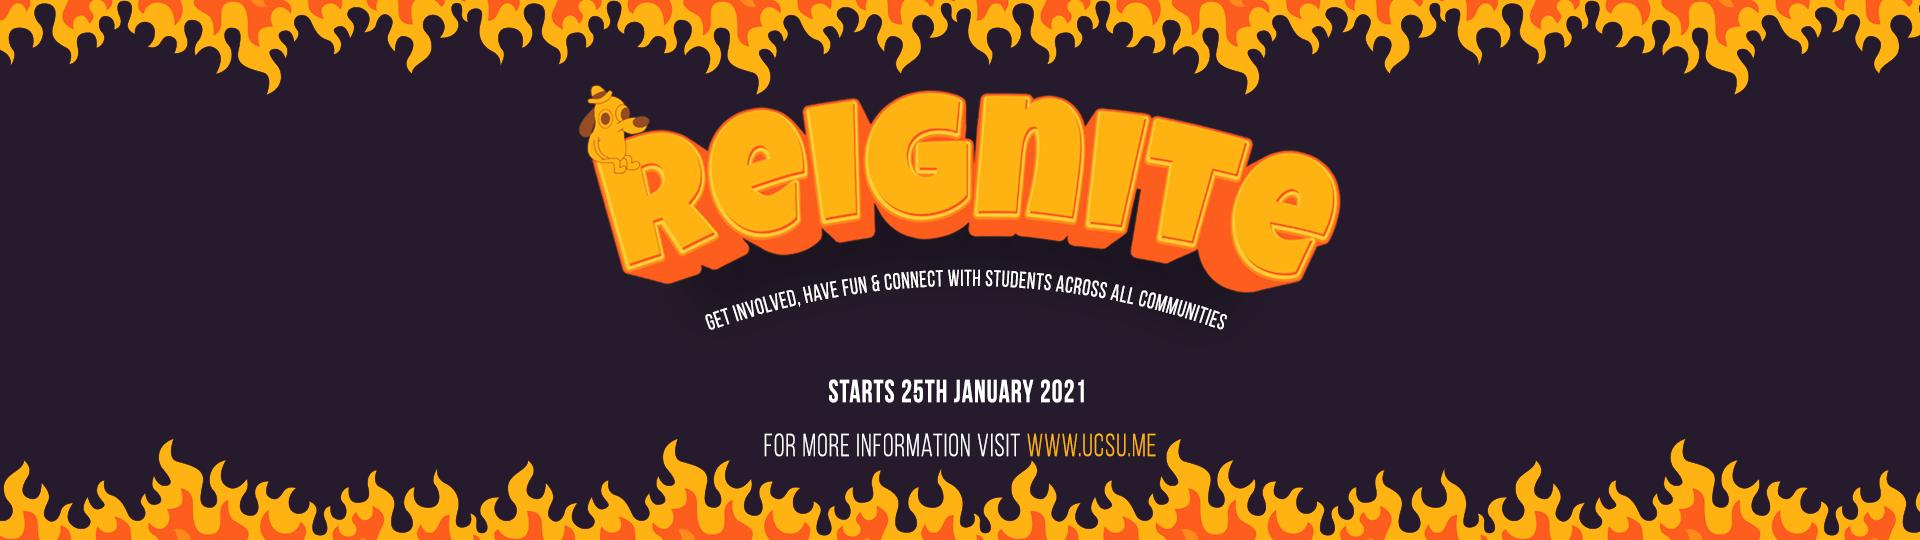 Reignite web banner2